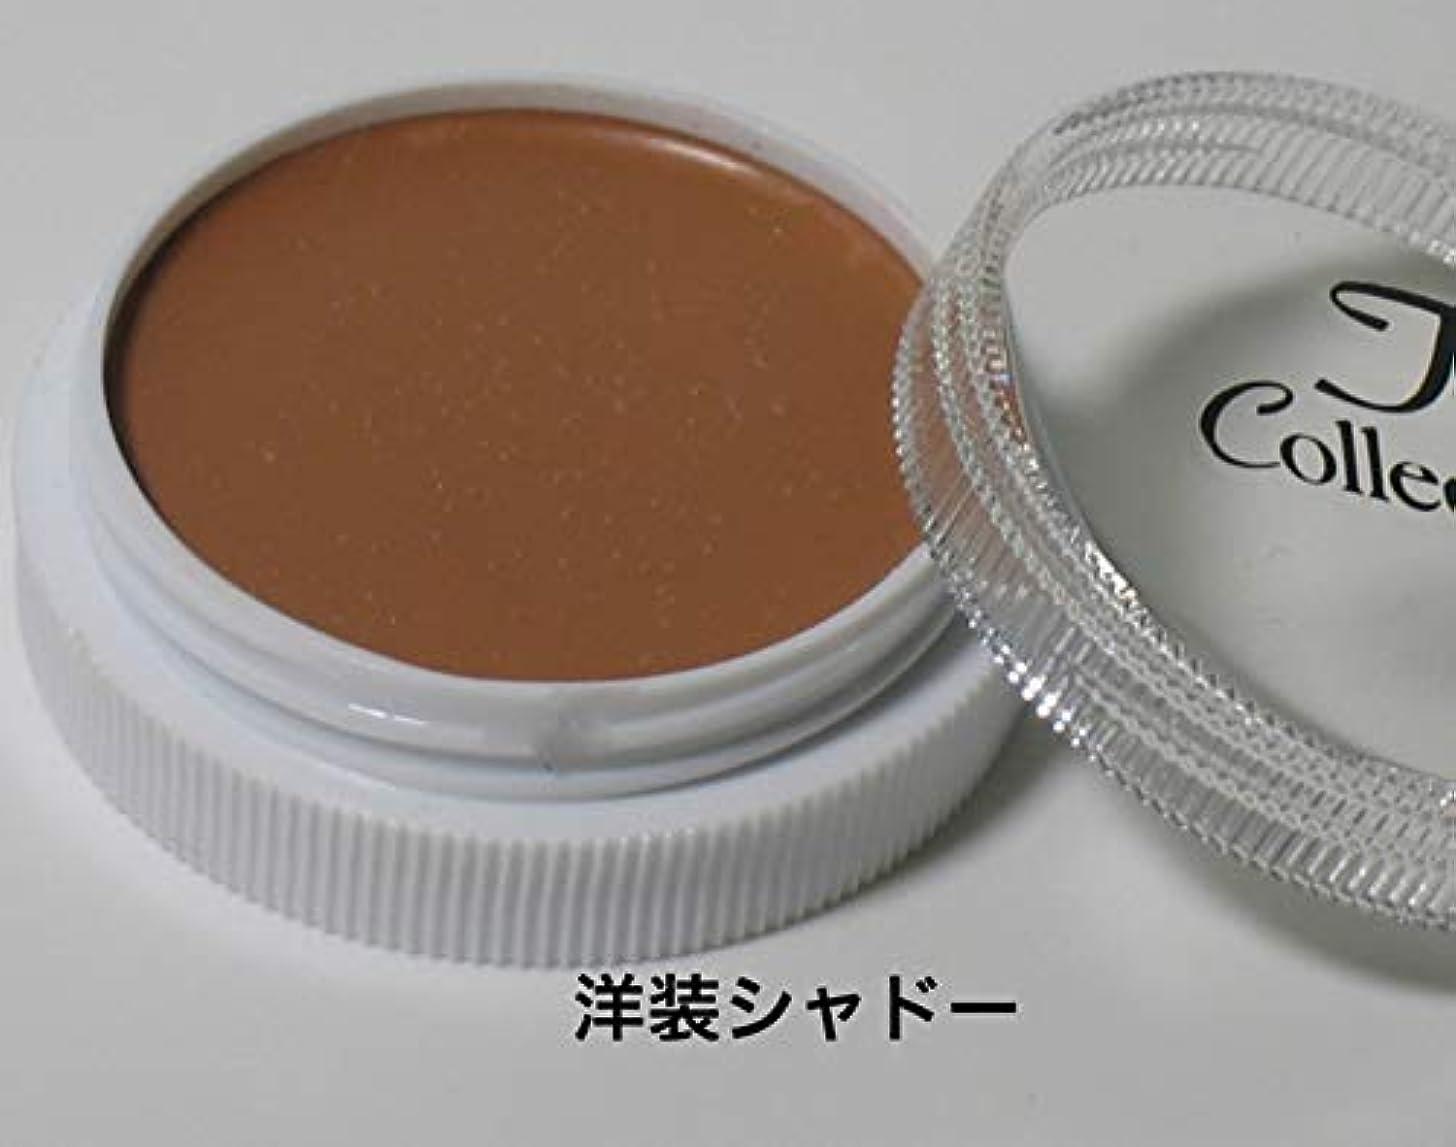 すべてイサカ望みtei-collection(テイコレクション) 洋装シャドウ コンシーラー 5g